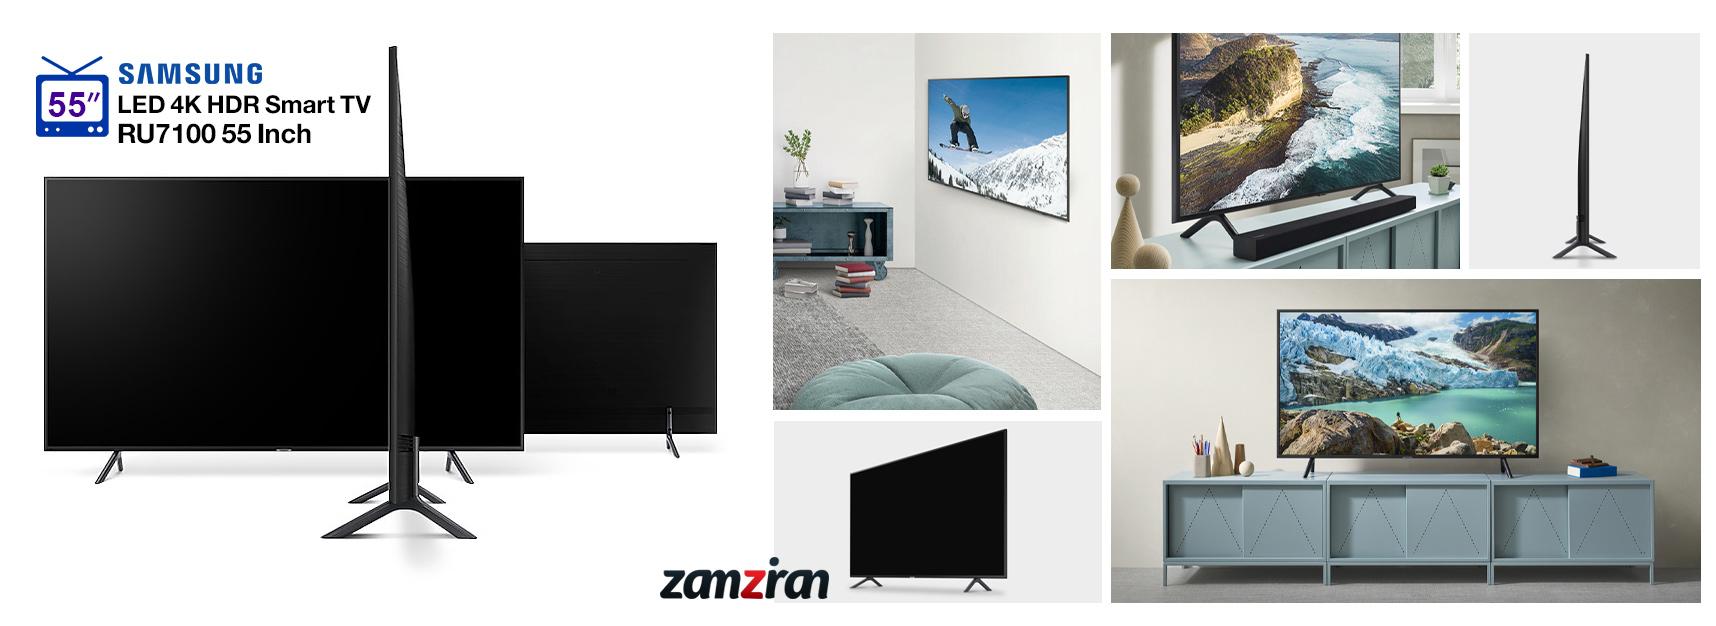 طراحی و ساخت تلویزیون 4K سامسونگ RU7100